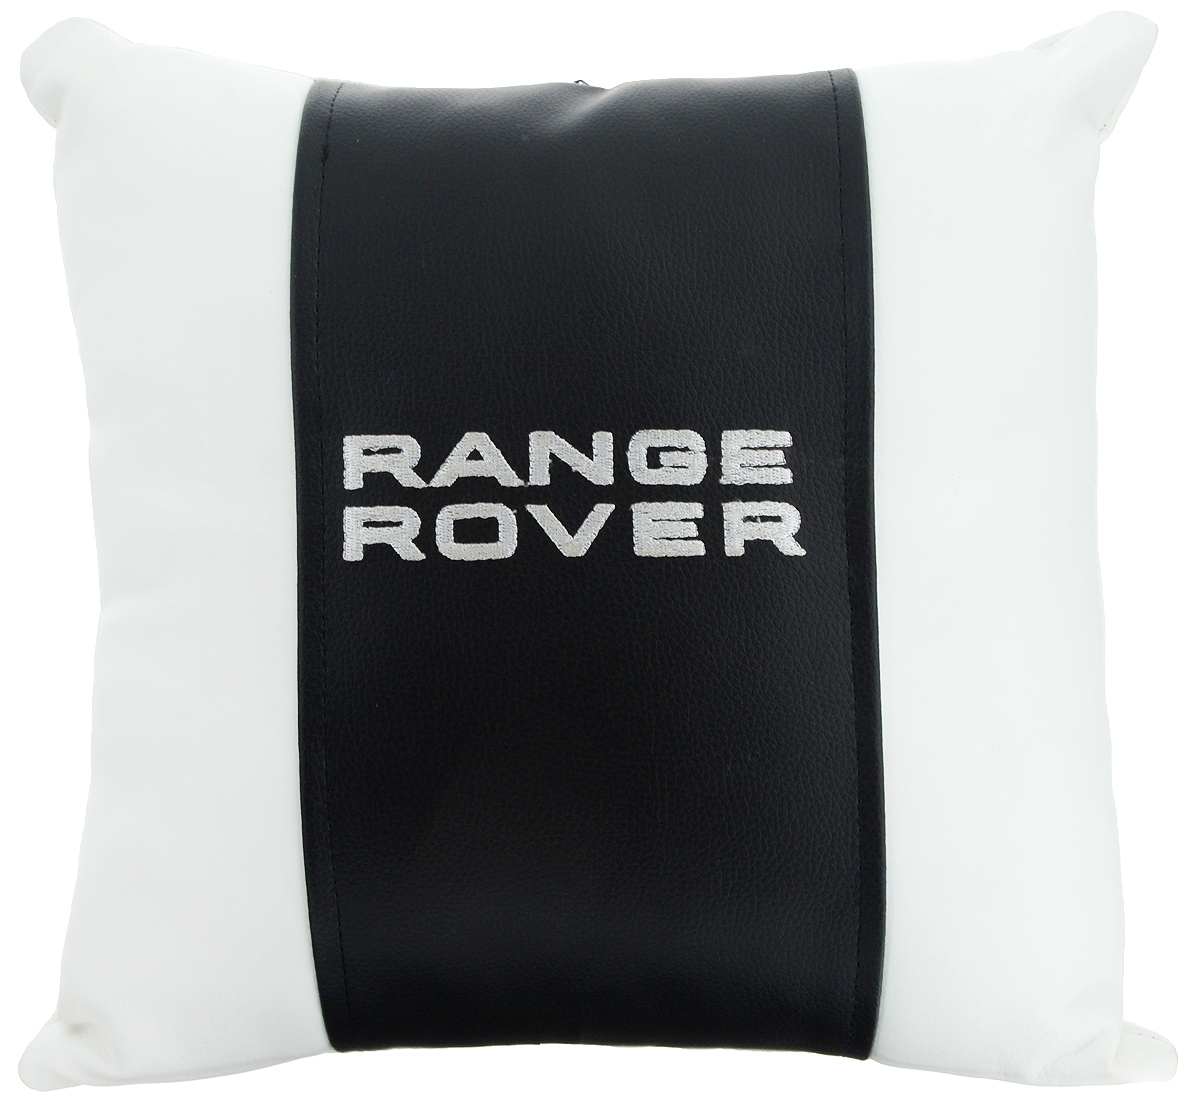 Подушка на сиденье Autoparts Range Rover, цвет: белый,черный, 30 х 30 см1004900000360Подушка на сиденье Autoparts Range Rover создана для тех, кто весь свой день вынужден проводить за рулем. Чехол выполнен из высококачественной дышащей экокожи. Наполнителем служит холлофайбер. На задней части подушки имеется змейка.Особенности подушки:- Хорошо проветривается.- Предупреждает потение.- Поддерживает комфортную температуру.- Обминается по форме тела.- Улучшает кровообращение.- Исключает затечные явления.- Предупреждает развитие заболеваний, связанных с сидячим образом жизни. Подушка также будет полезна и дома - при работе за компьютером, школьникам - при выполнении домашних работ, да и в любимом кресле перед телевизором.